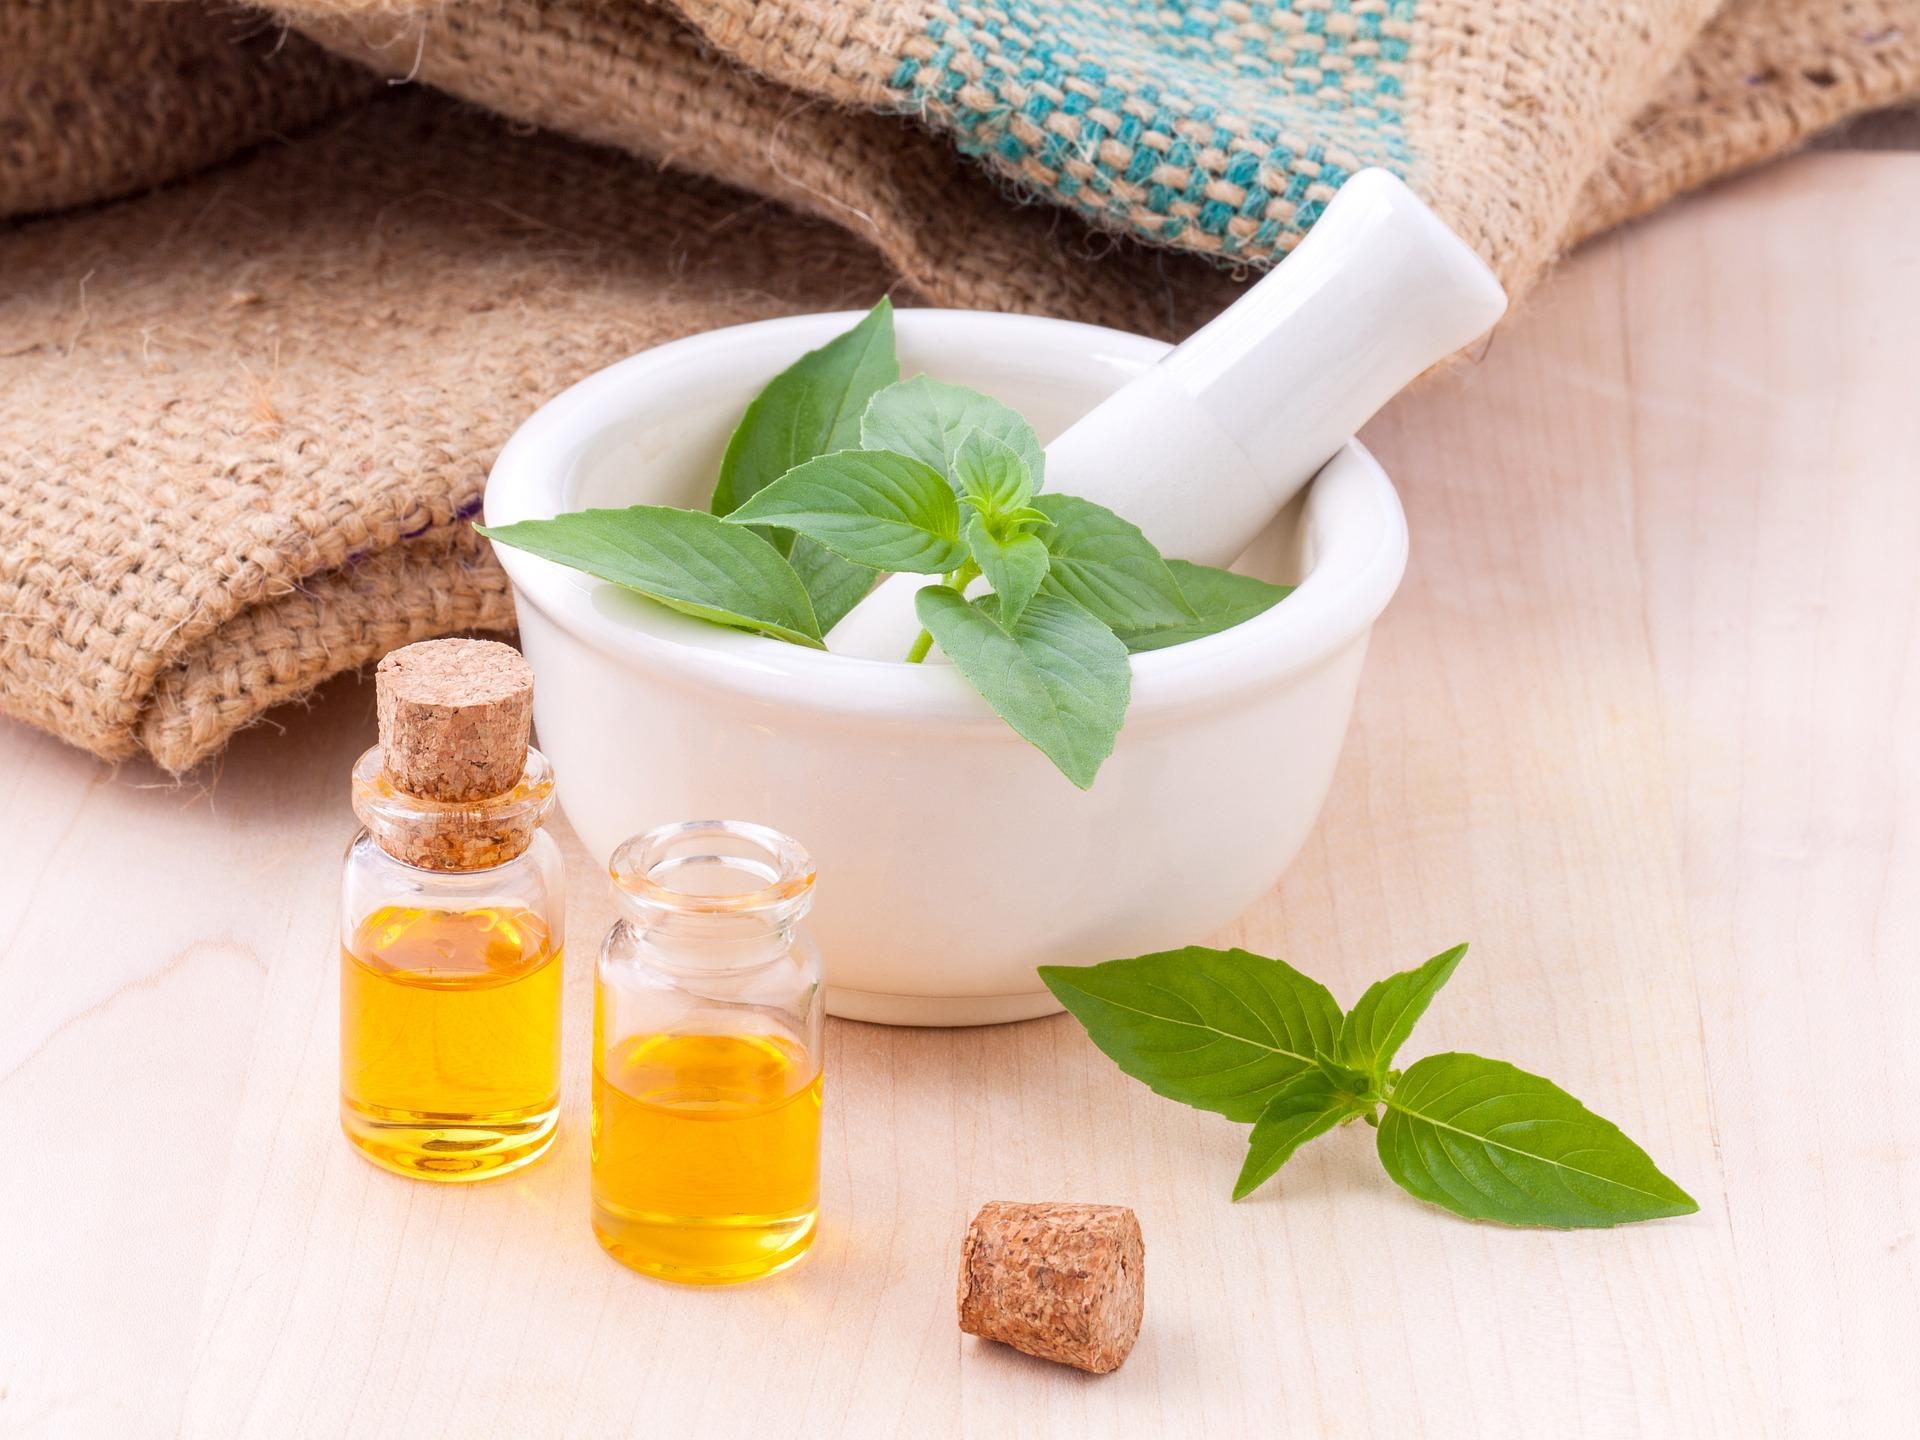 Tea Tree Oil: proprietà e usi dell'olio naturale dai mille benefici